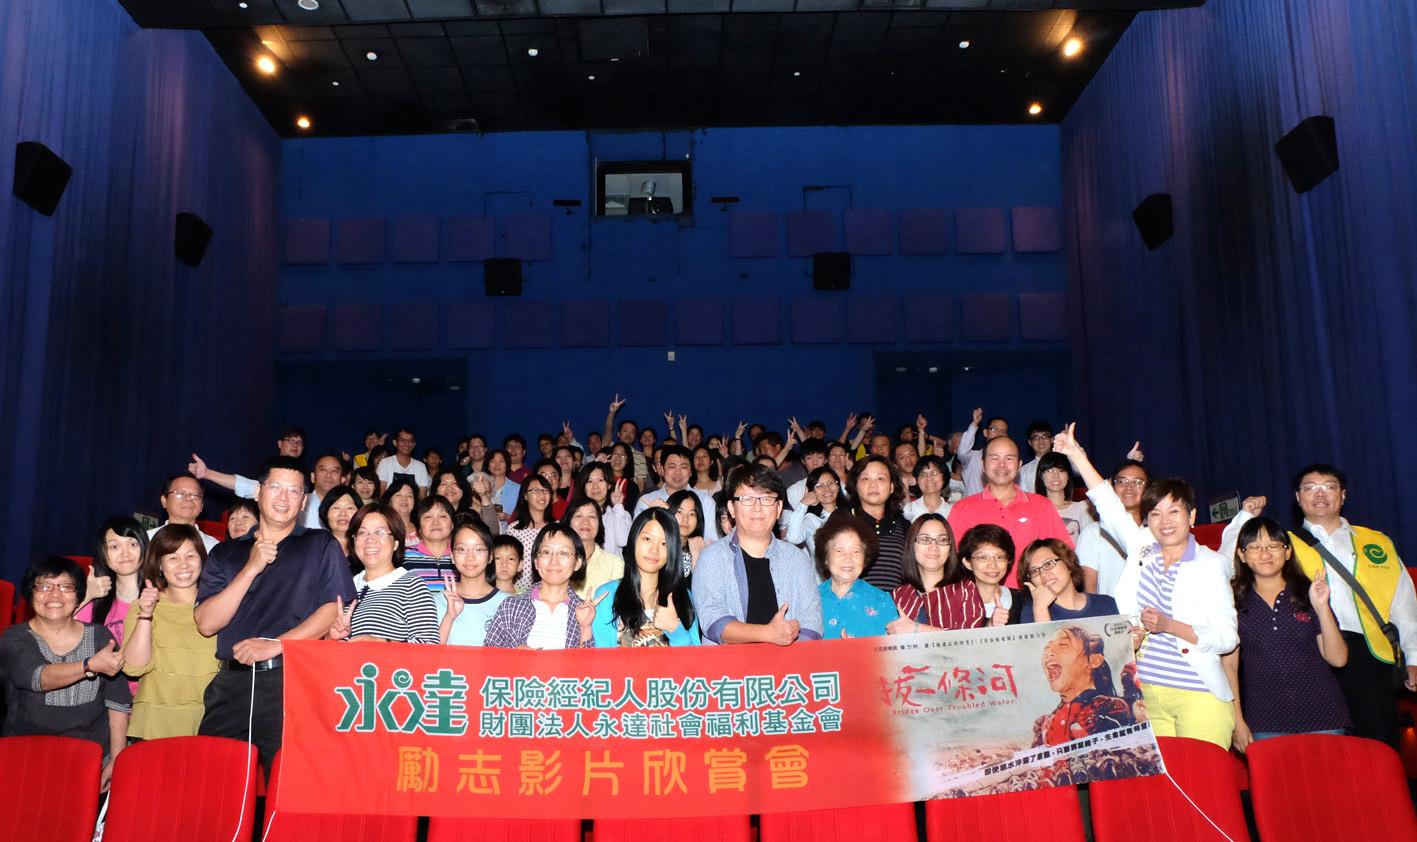 圖說:永達北中南電影包場「拔一條河」,楊力州導演(中)親臨現場。